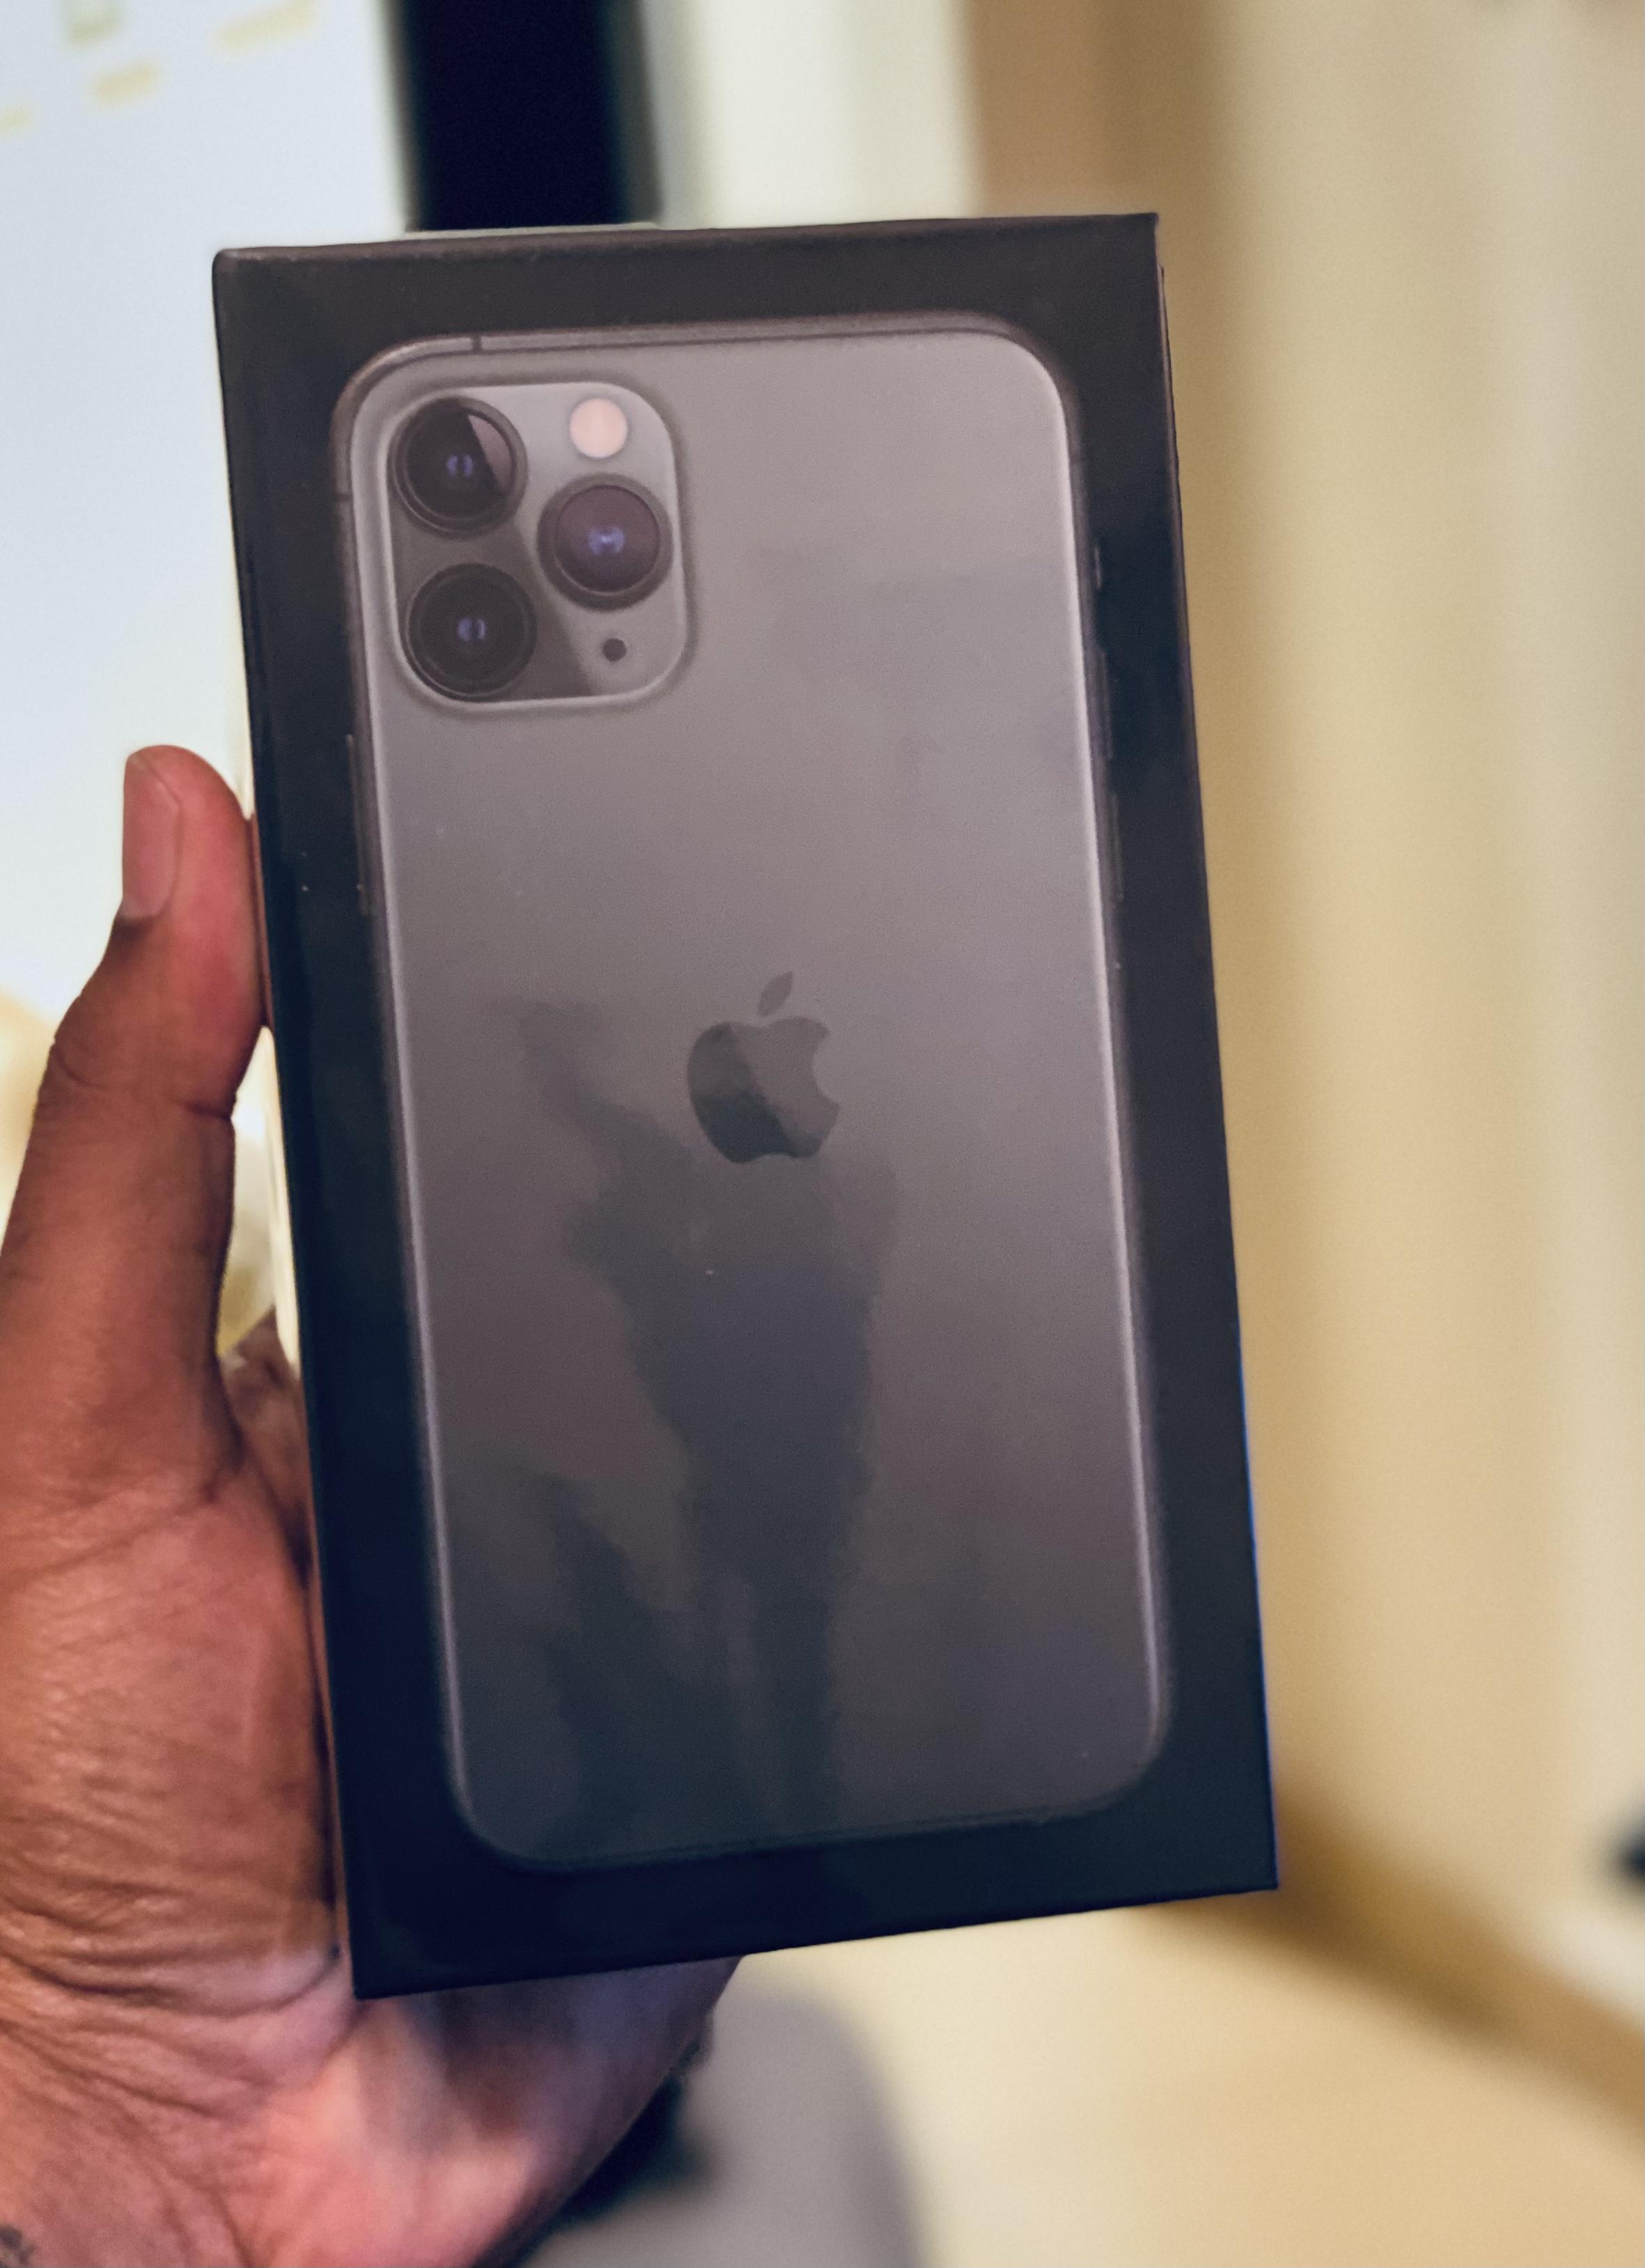 Iphone 11 pro -256 GB ( Midnight Green ) 9 months under waranty- Urgent sale